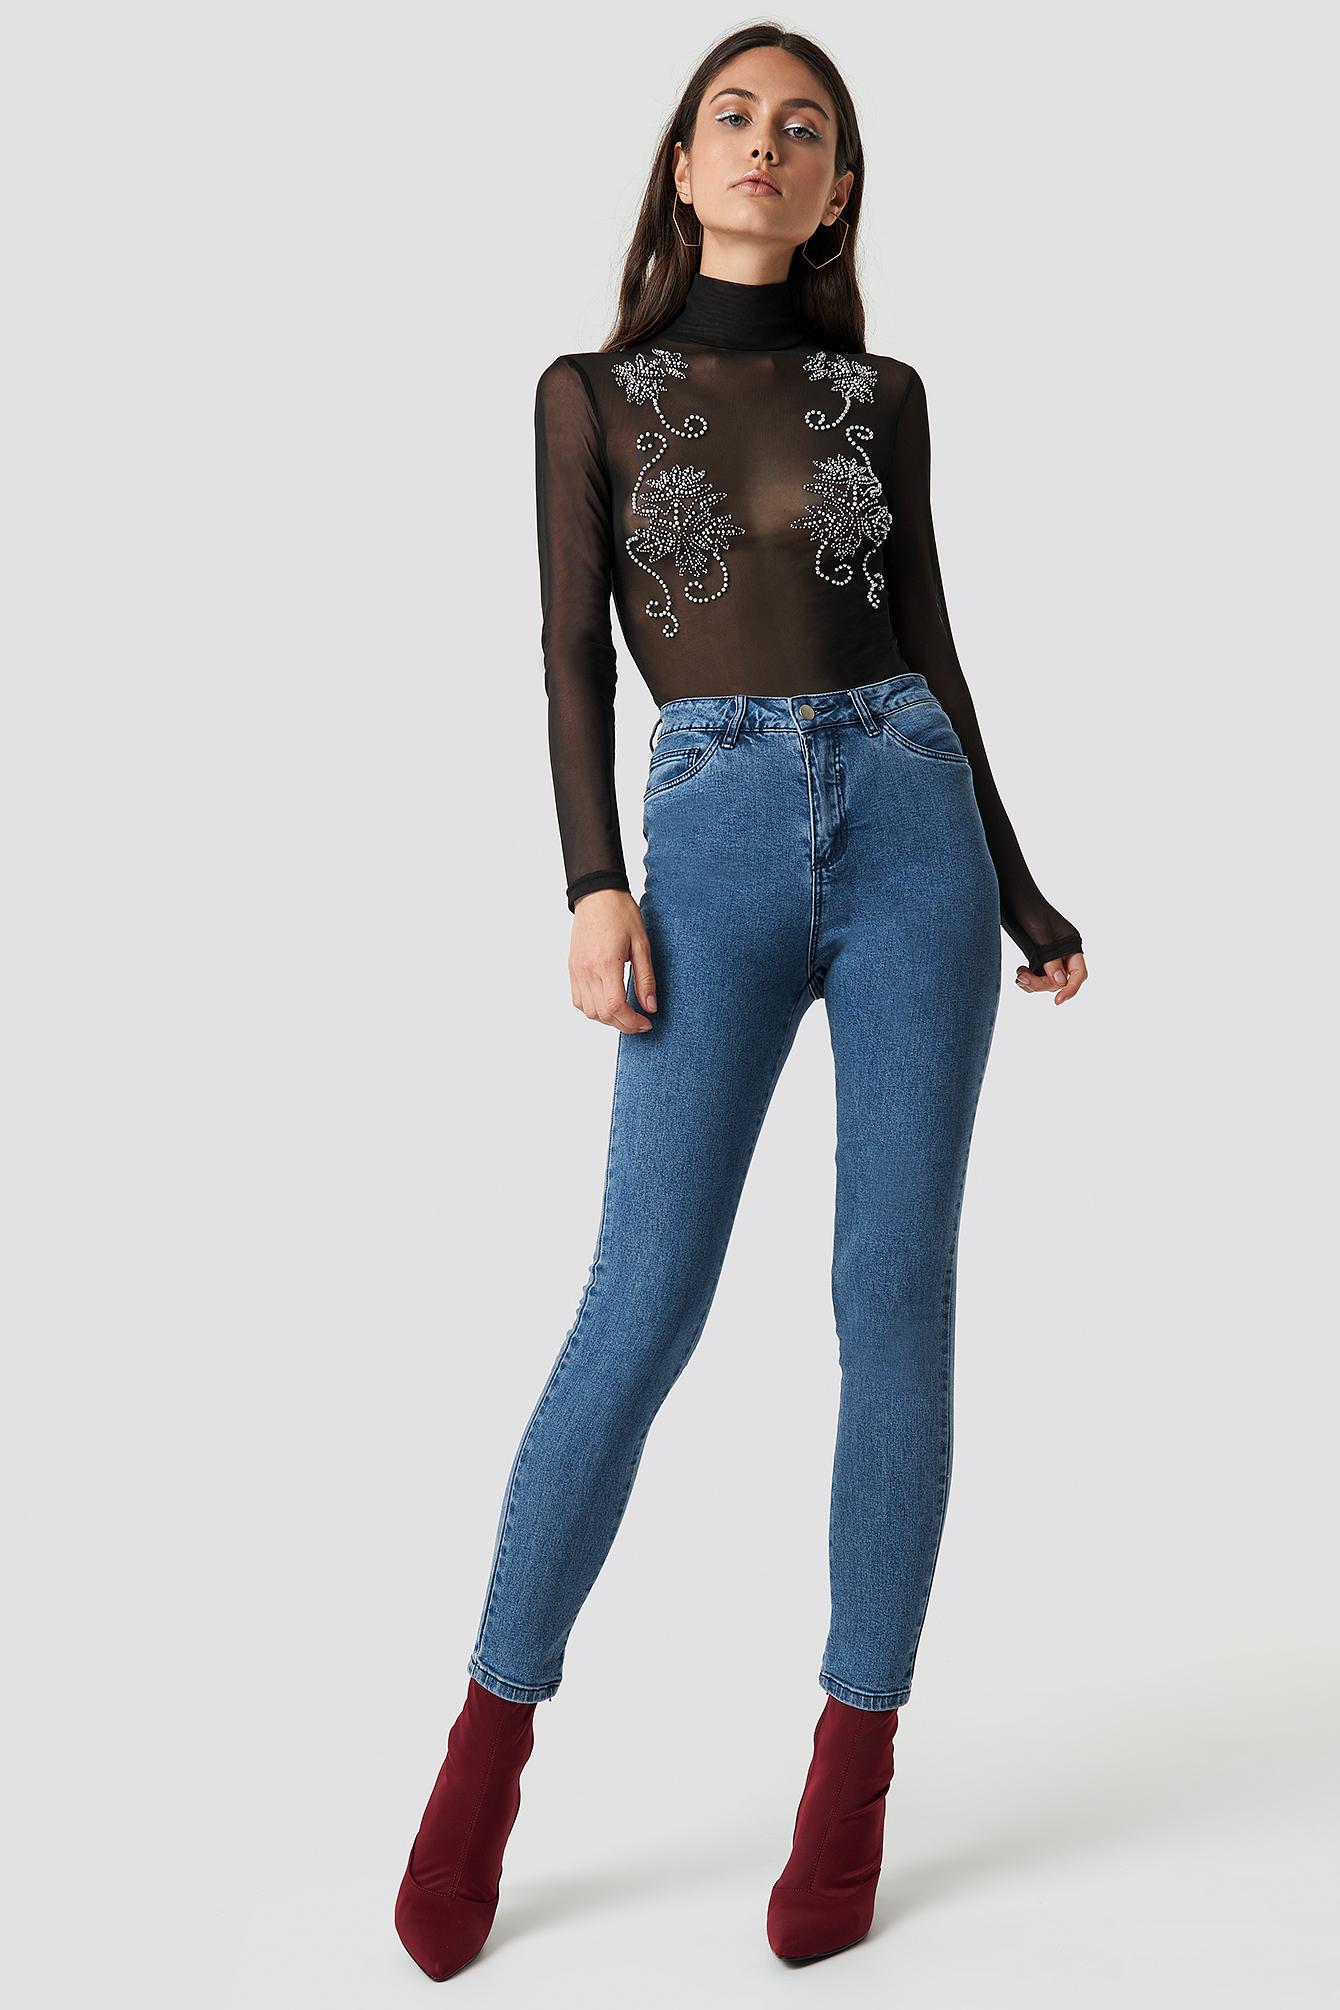 Skinny Basic Blue Dilara Modesens X Jeans Na Kd tqvIq